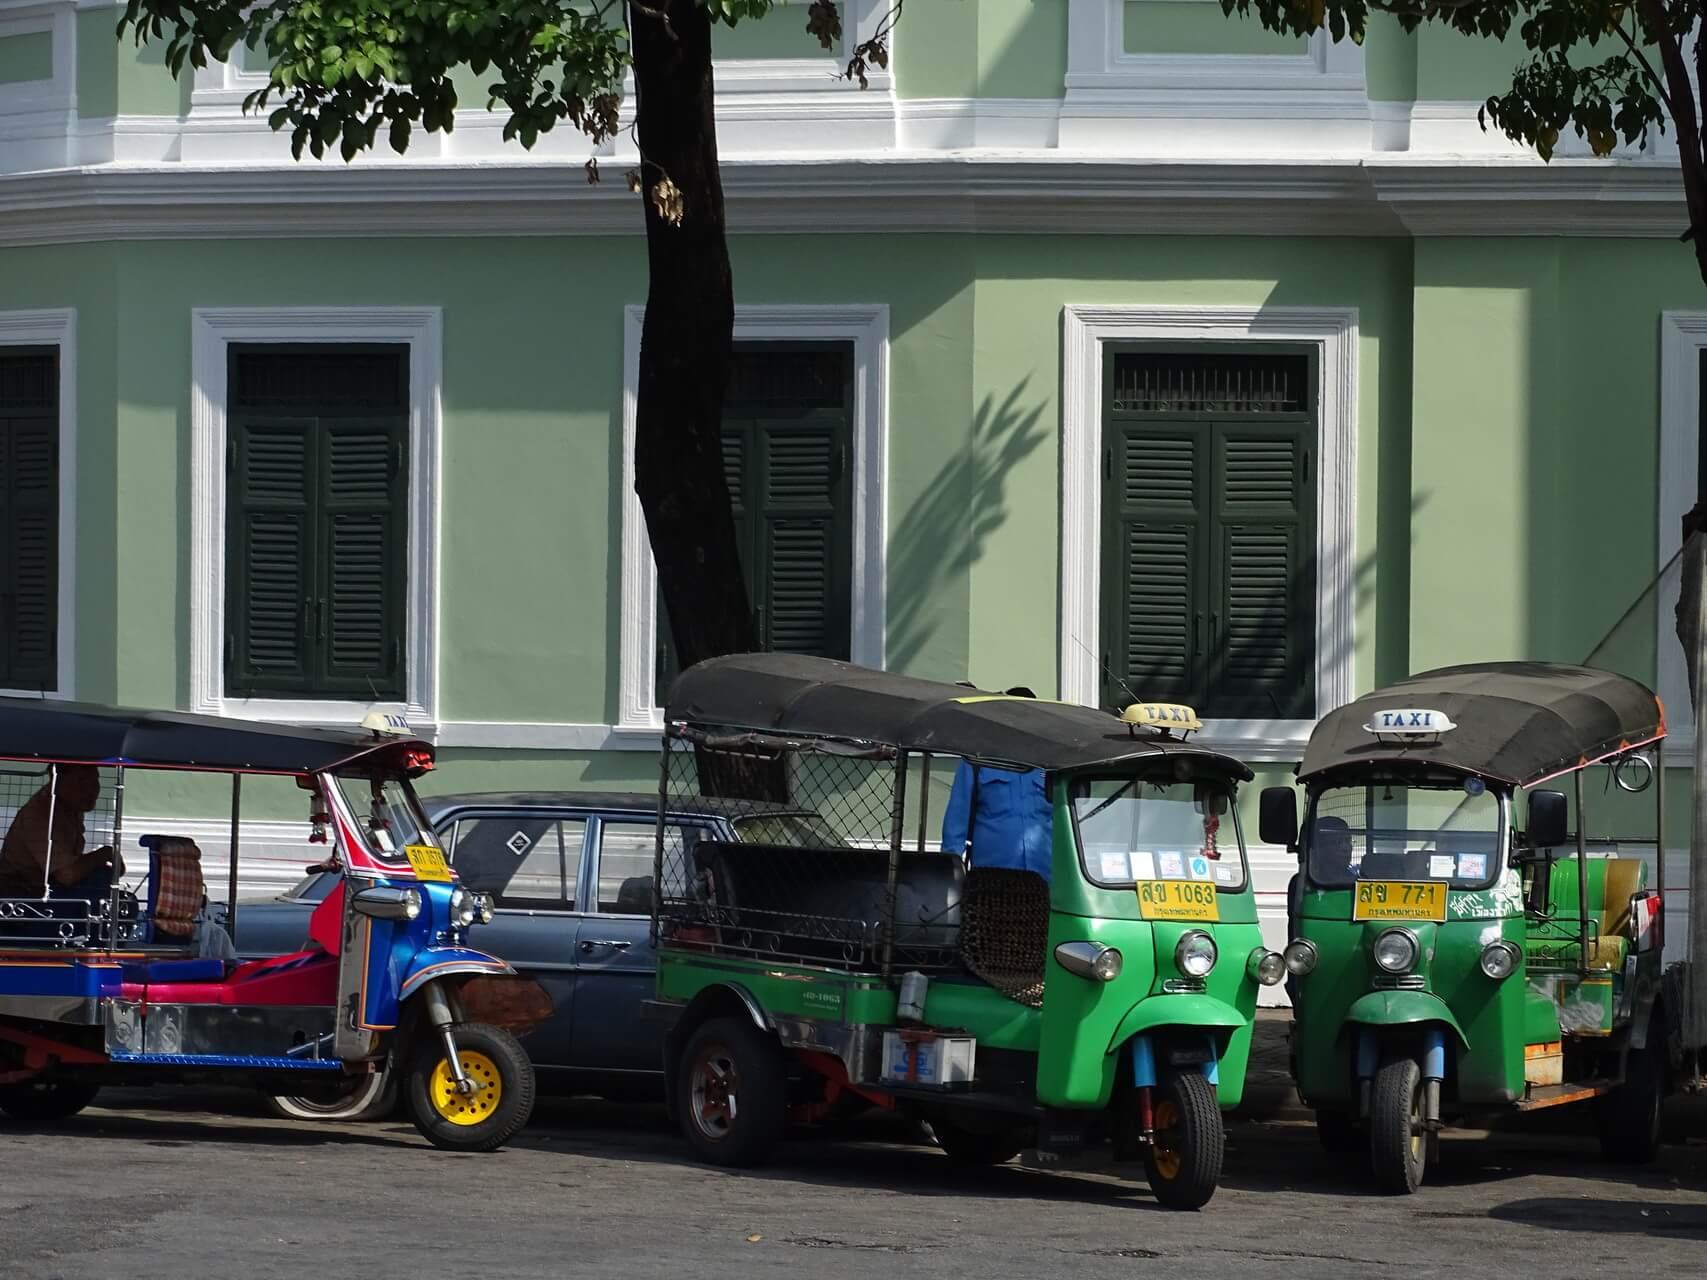 zum ersten mal bangkok tipps und sehensw rdigkeiten f r. Black Bedroom Furniture Sets. Home Design Ideas